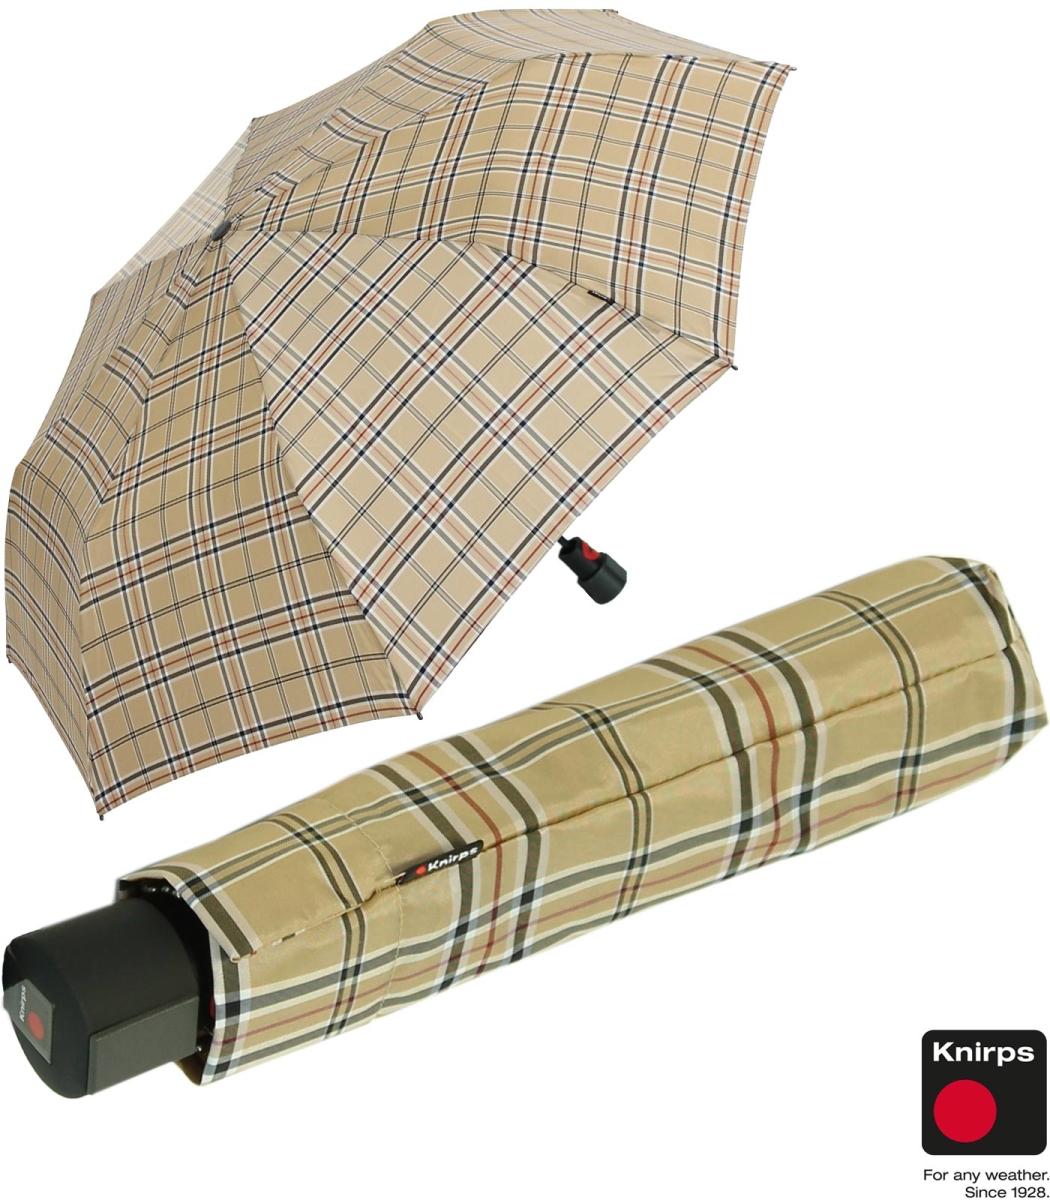 knirps regenschirm fiber t1 automatik sturmsicher karo beige 39 95. Black Bedroom Furniture Sets. Home Design Ideas